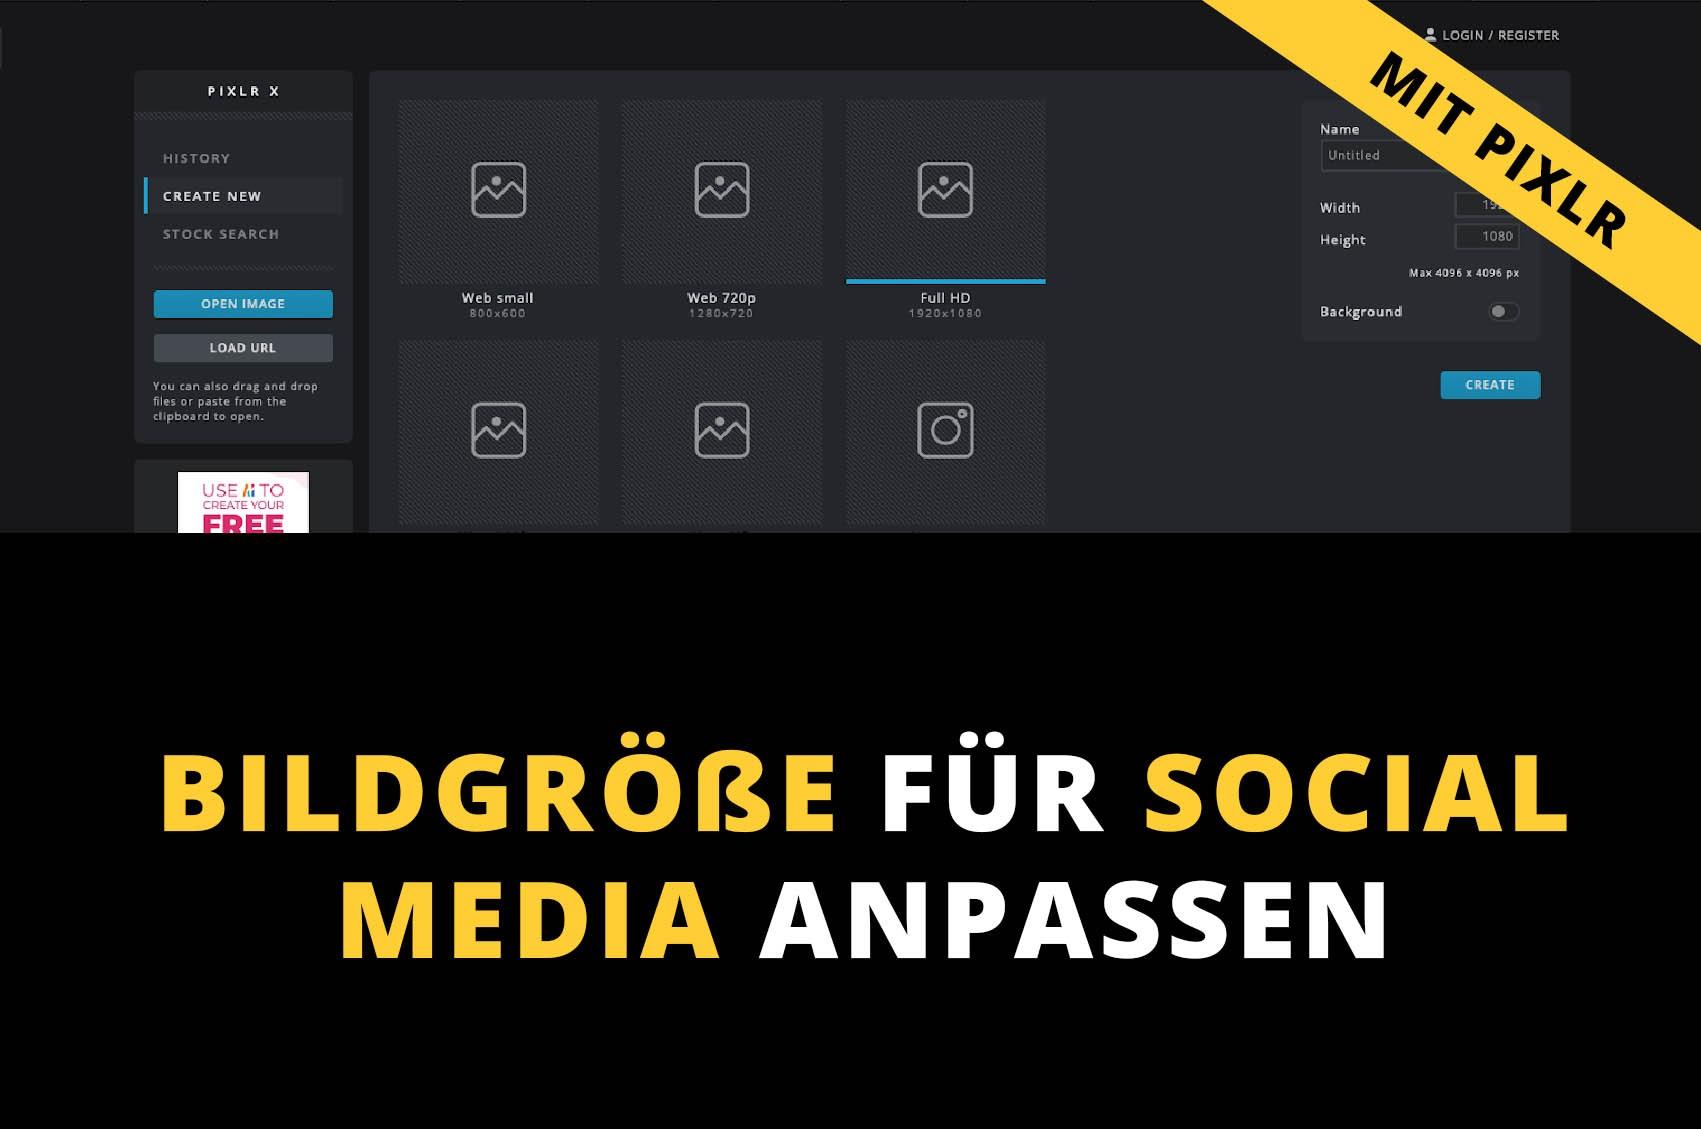 bildgroessen für instagram, facebook und co ändern